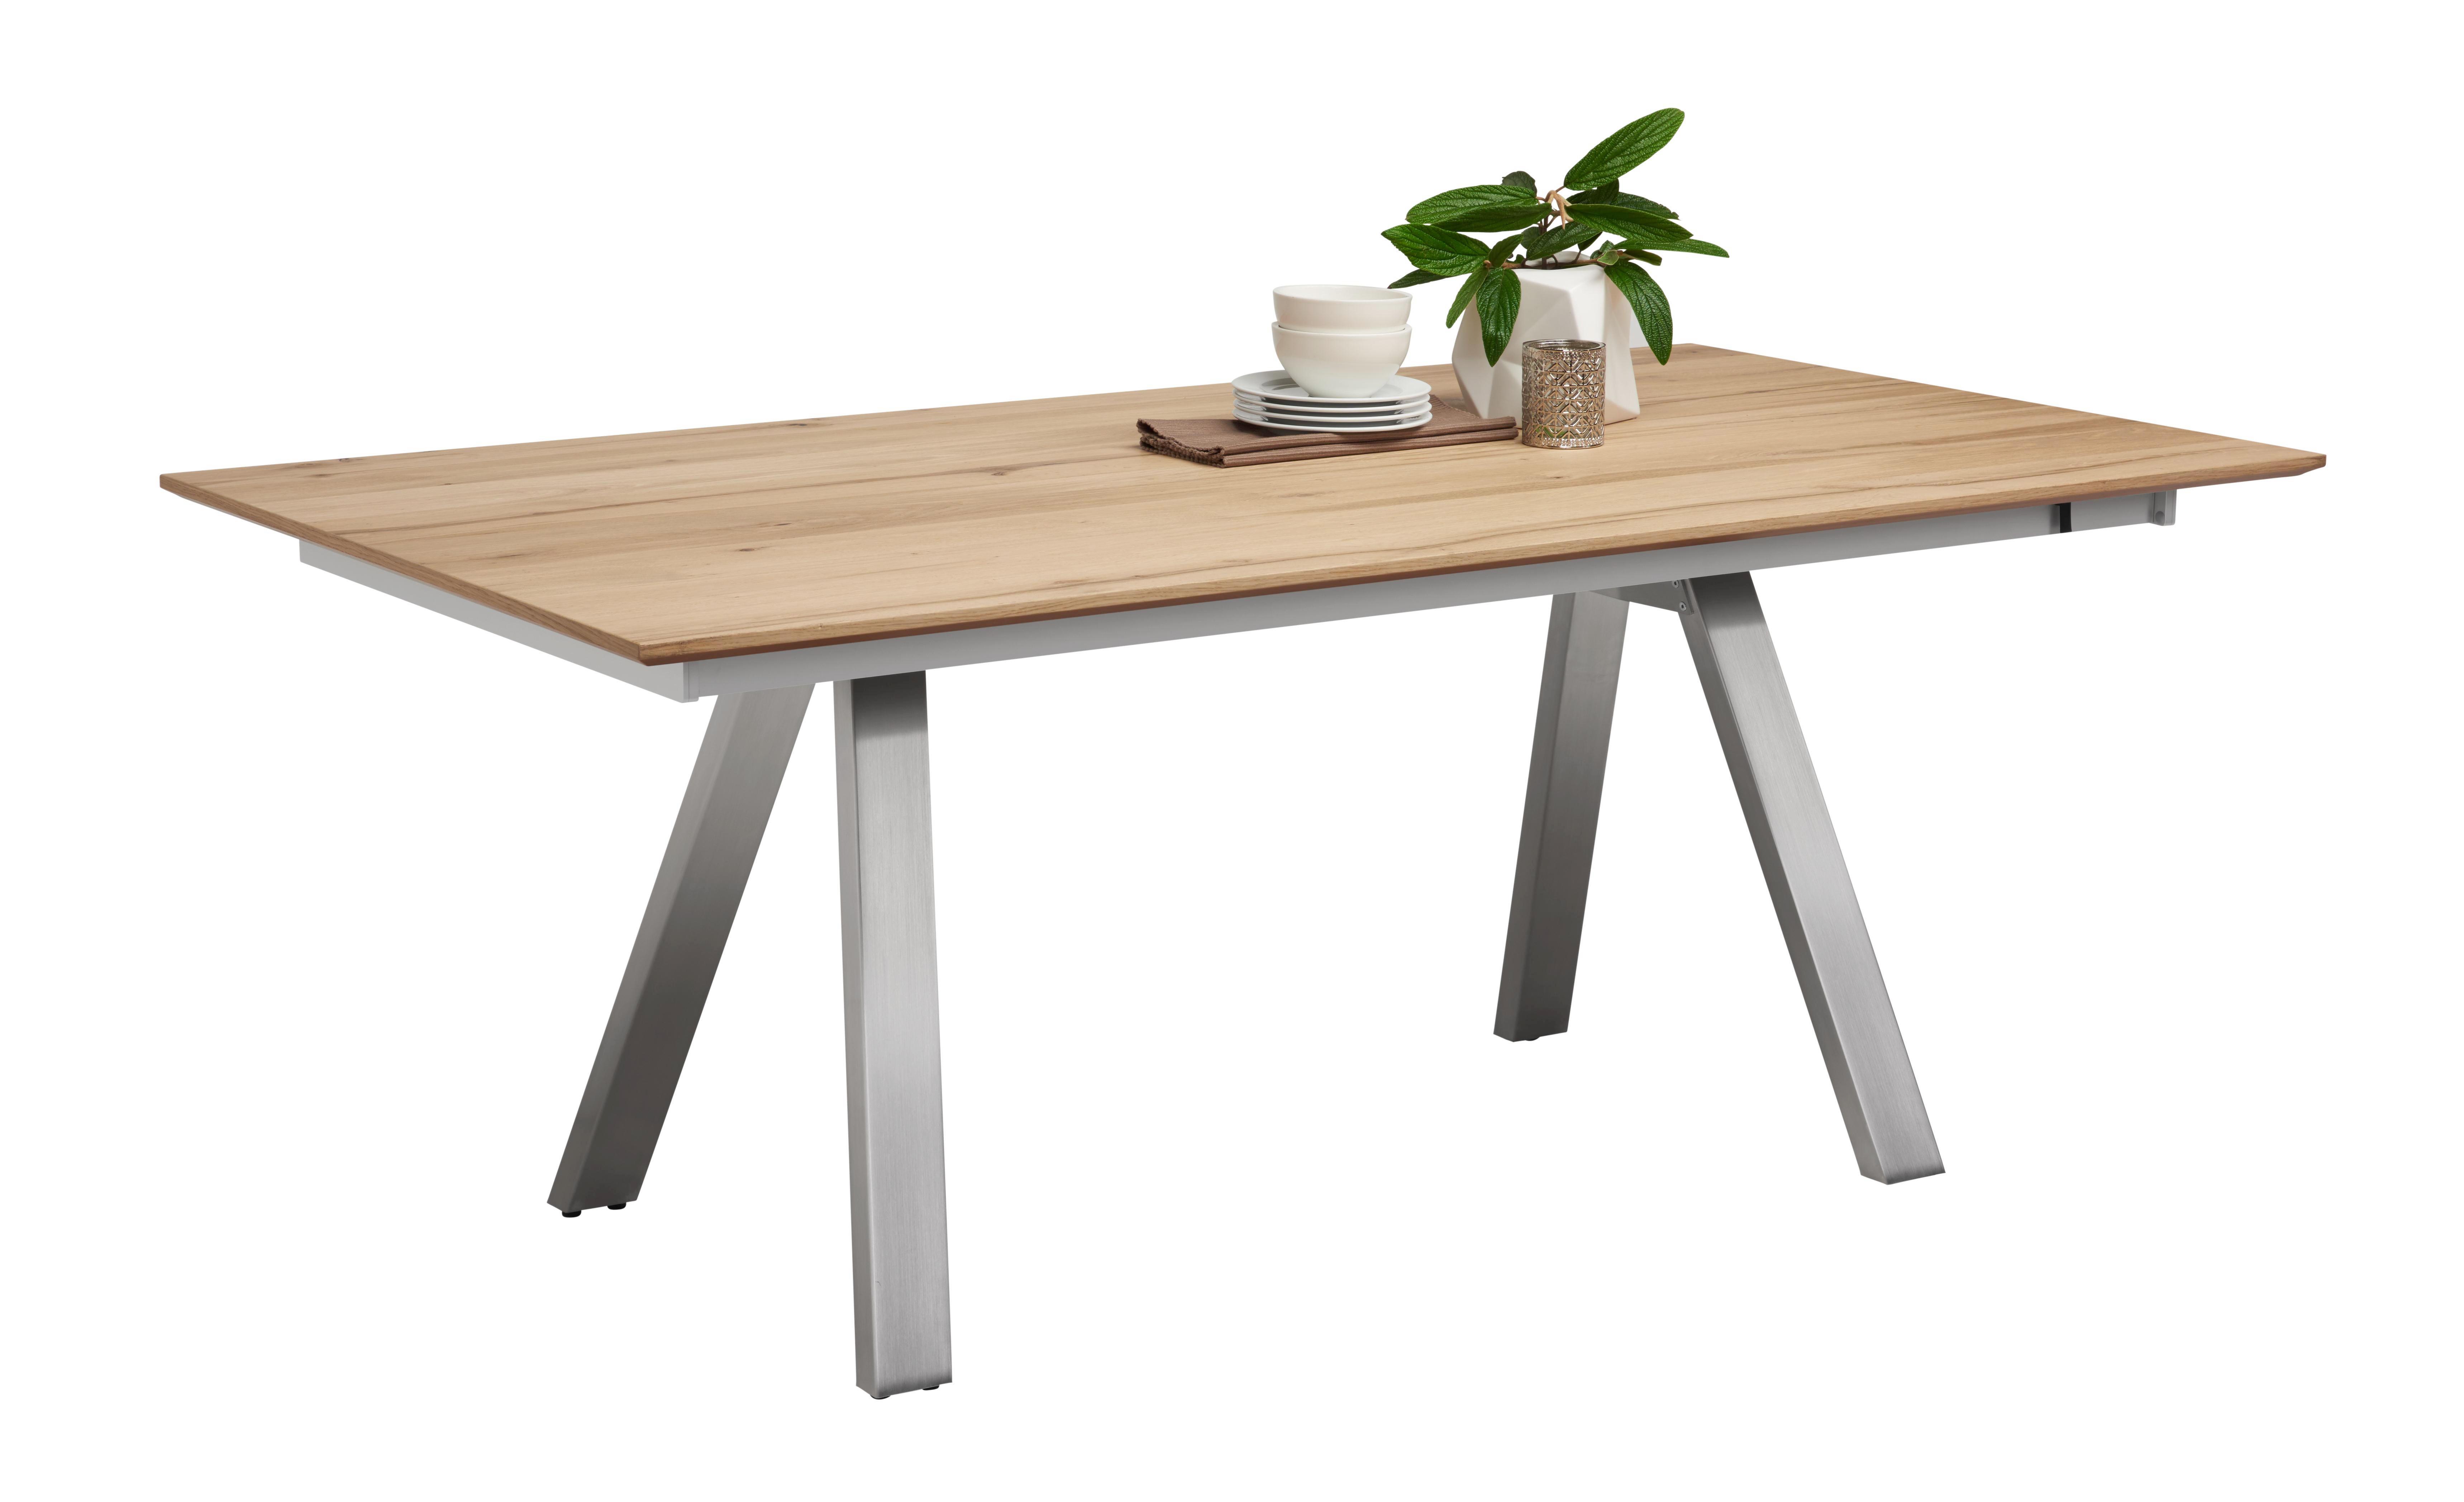 Geräumig Esstisch Holz Metall Dekoration Von Eiche Furniert Rechteckig Eichefarben With Ausziehbar With